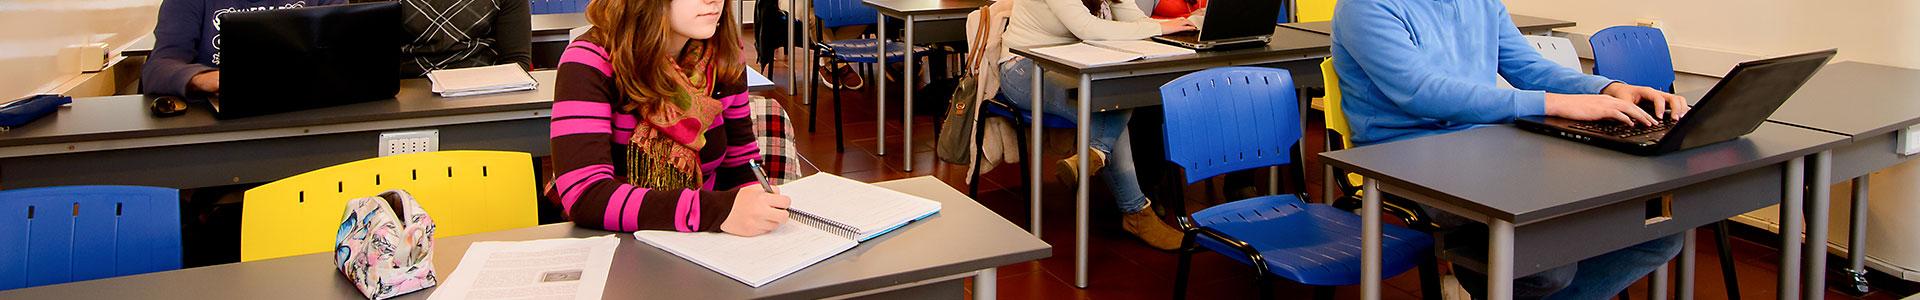 Facultad de Comunicación y Diseño - Universidad ORT Uruguay